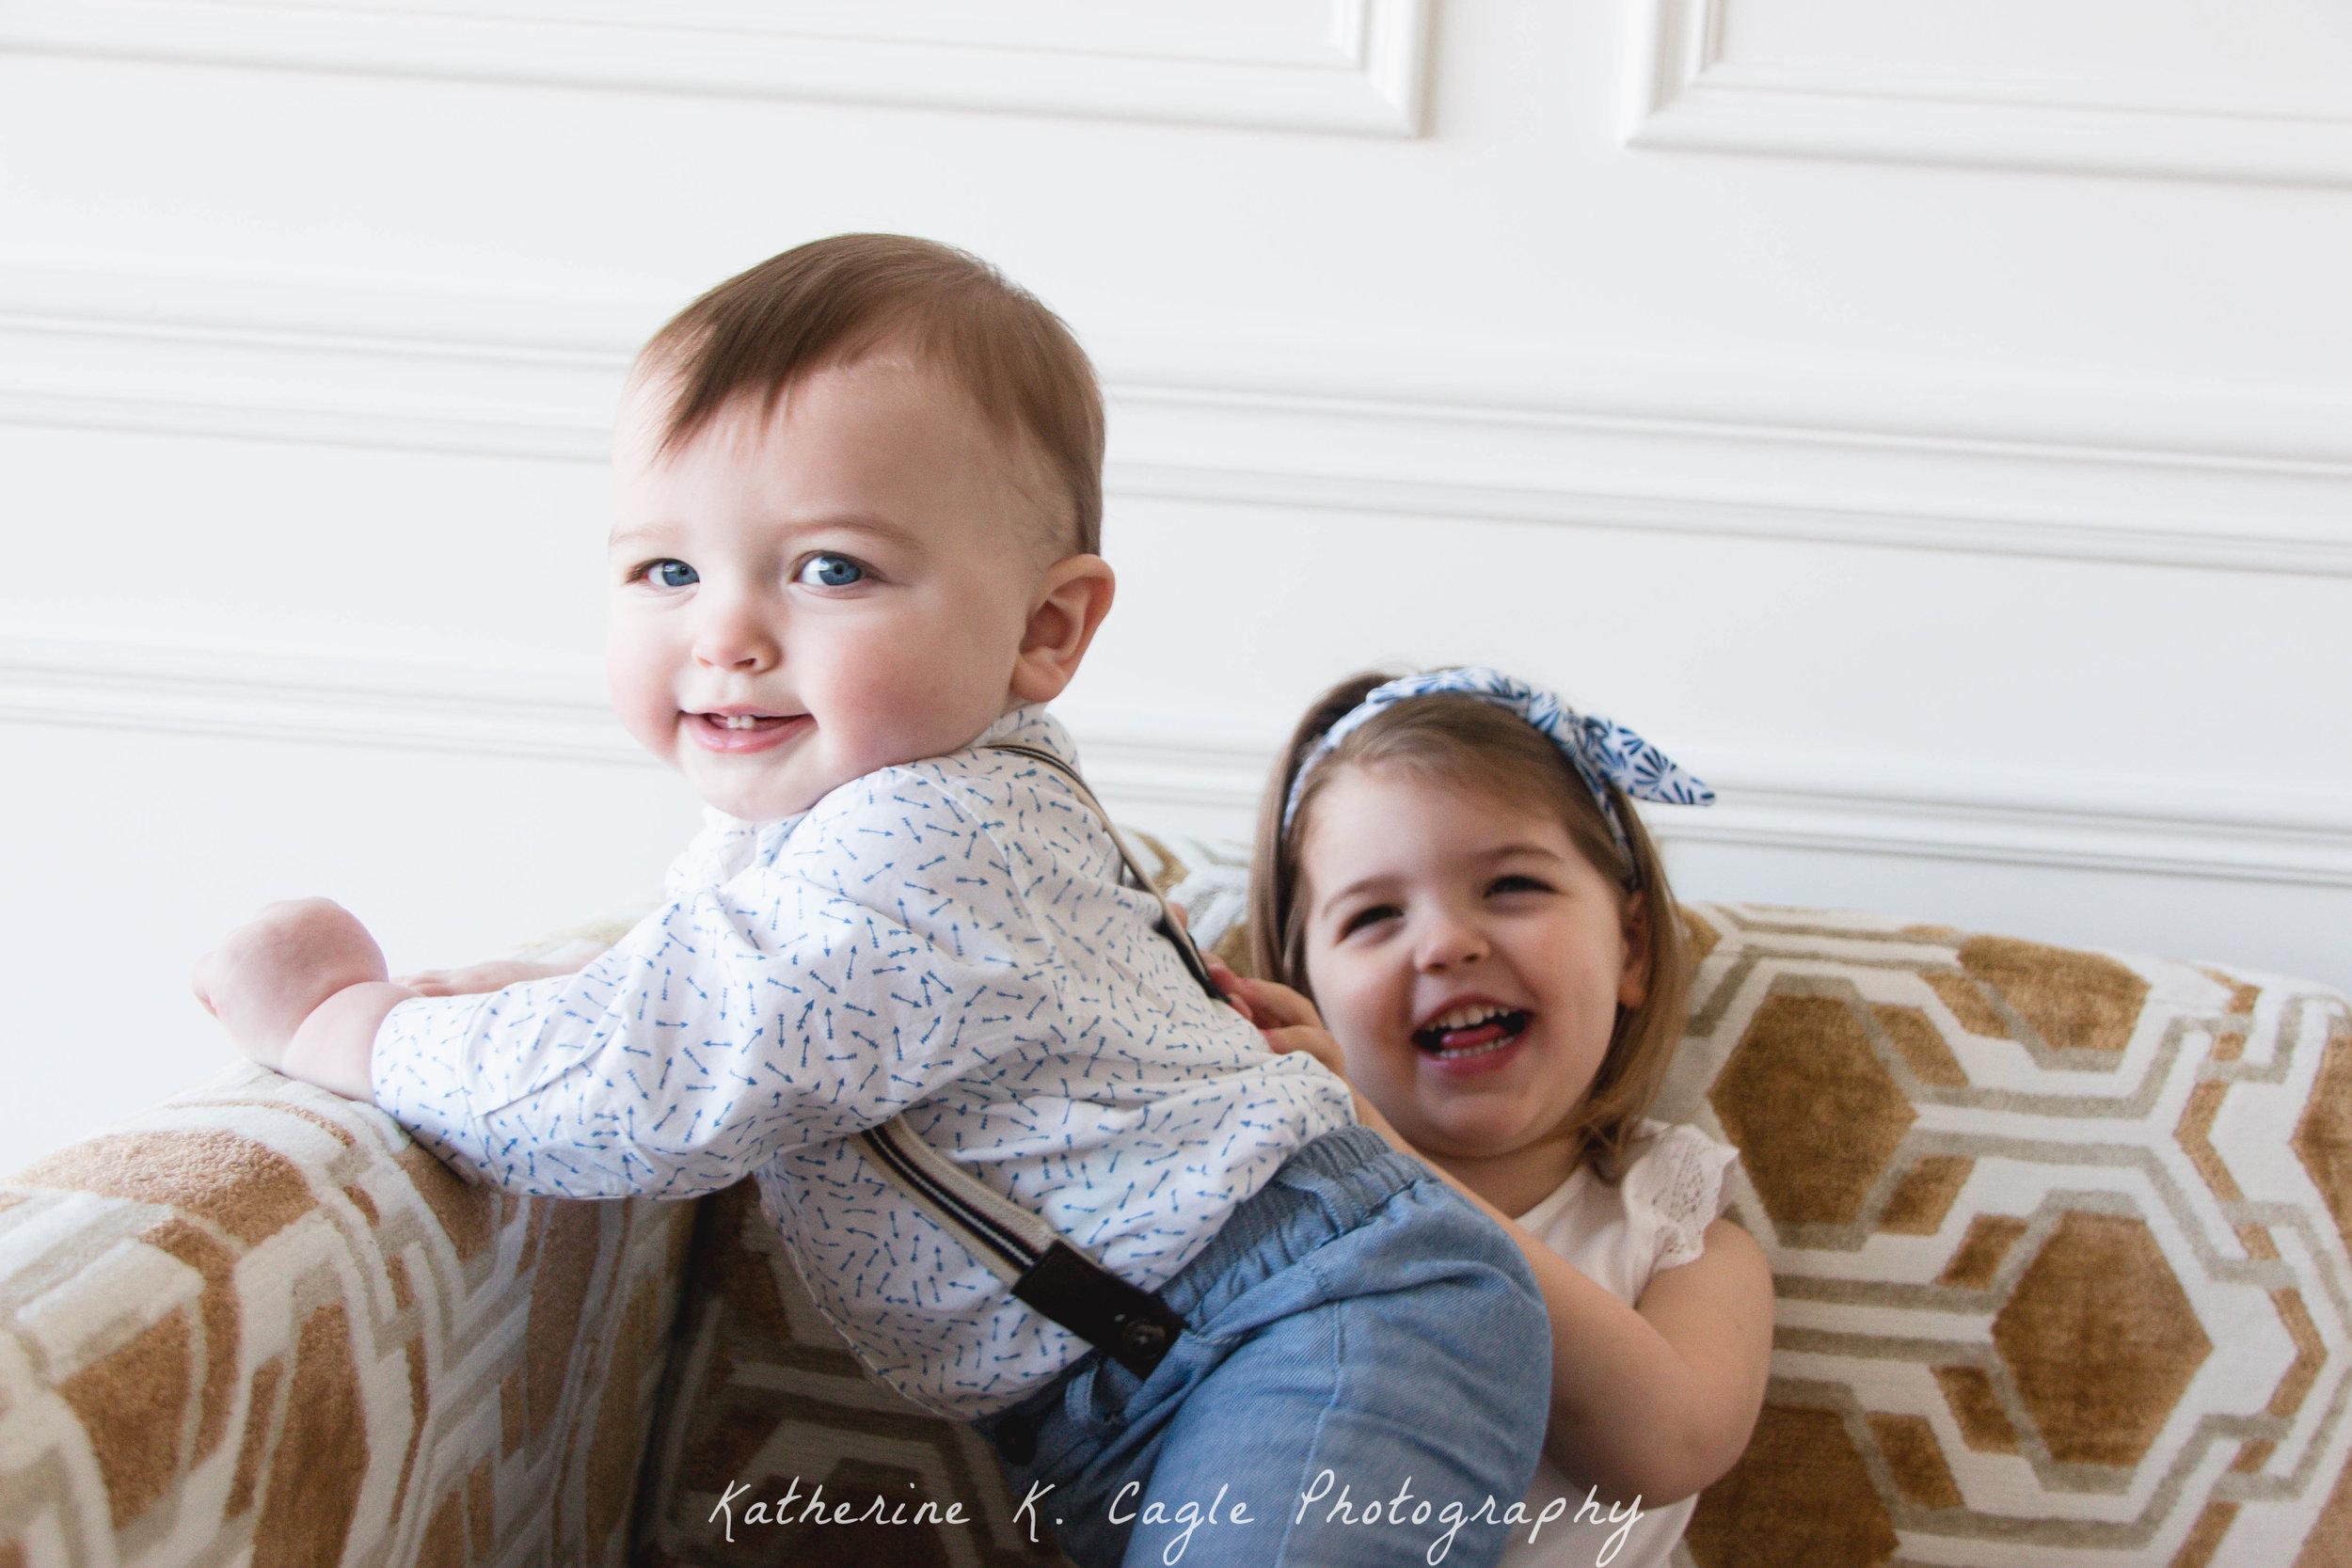 KatherineK.Cagle_Lifestyle Family Photography-